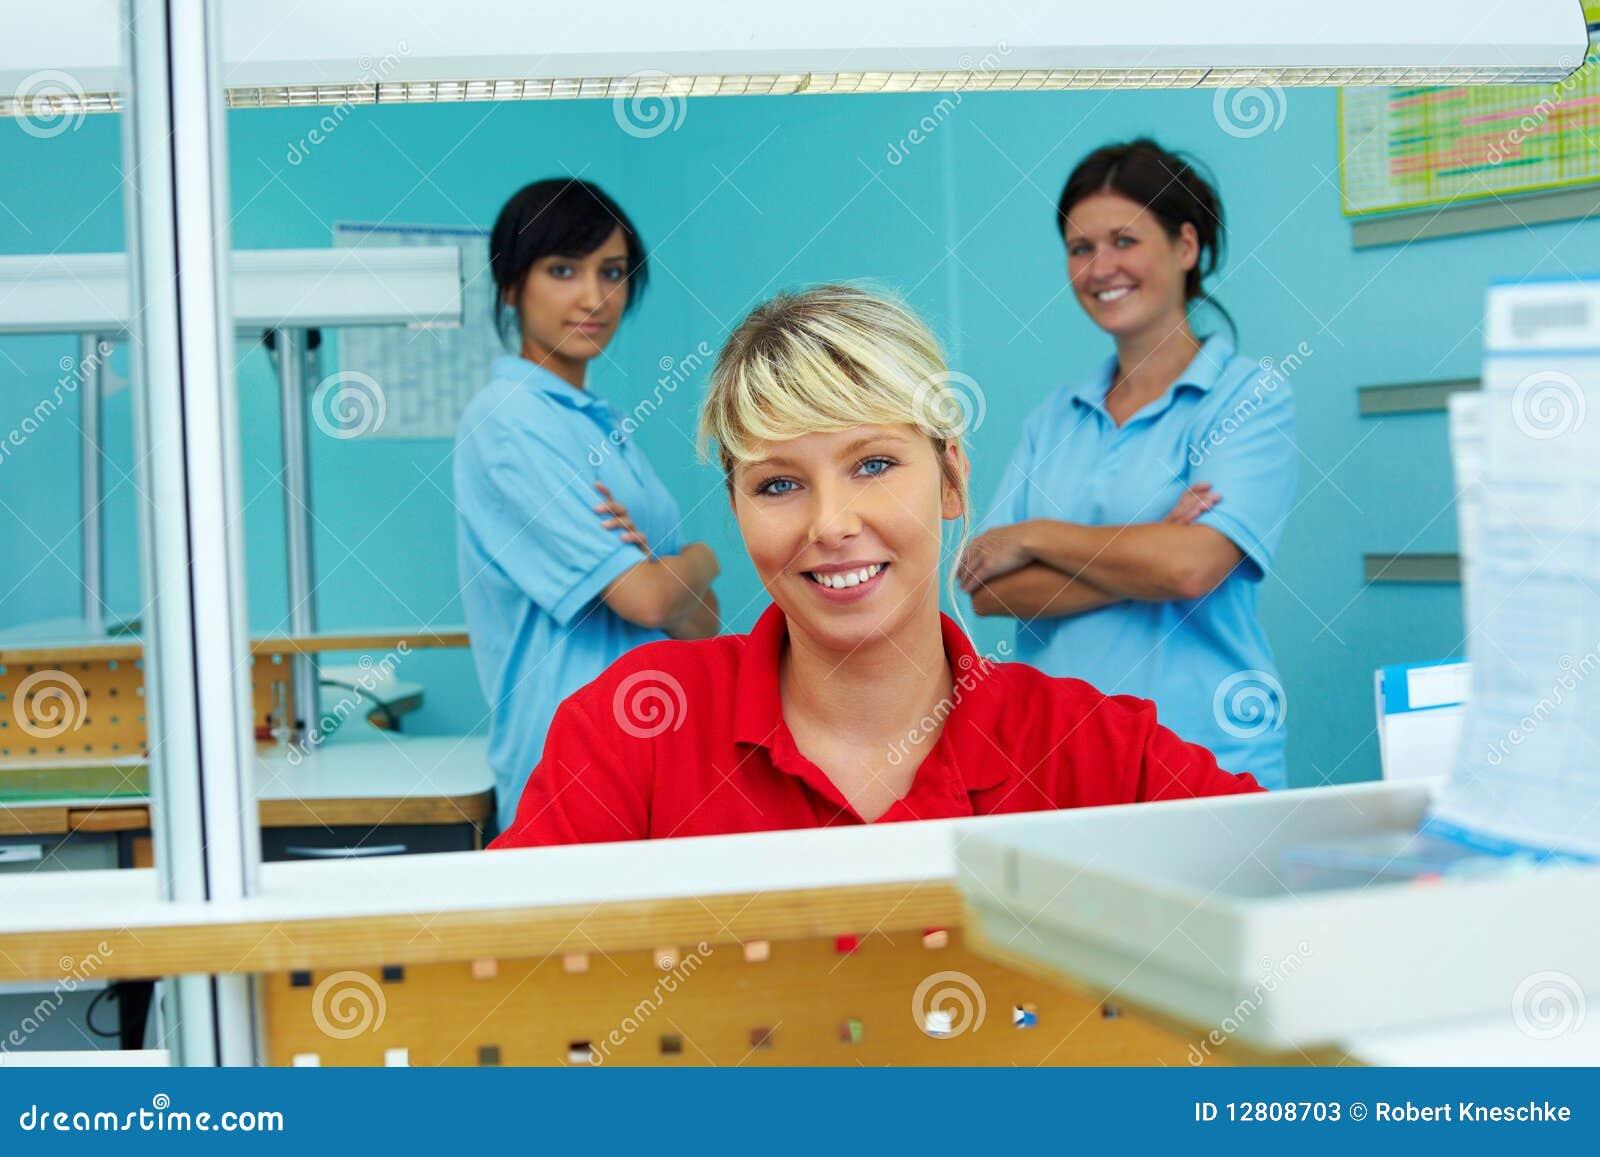 Recepção na clínica dental